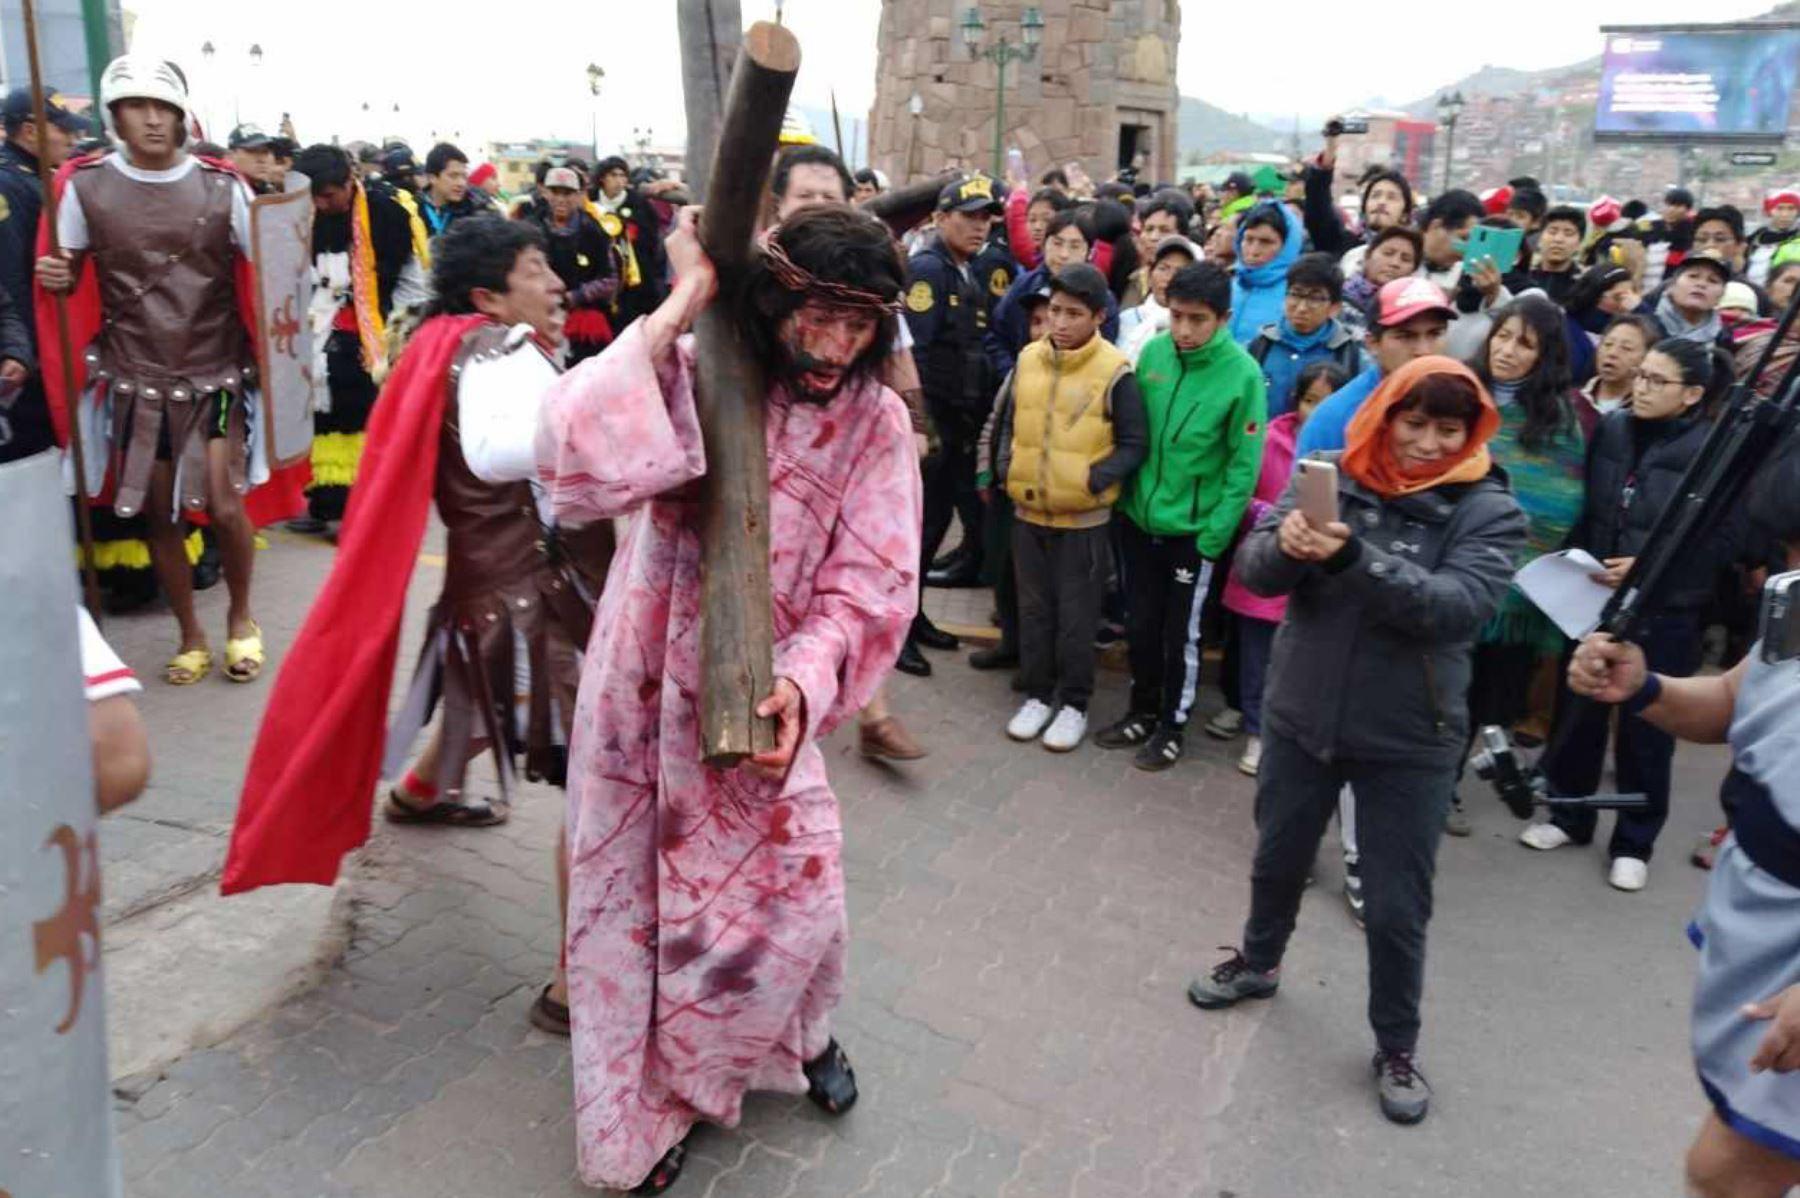 Escenas conmovedoras se apreciaron durante la escenificación del Vía Crucis de Jesús, que se desarrolló con ocasión de la Semana Santa, en el distrito de Santiago de la ciudad del Cusco. Foto: Percy Hurtado Santillán